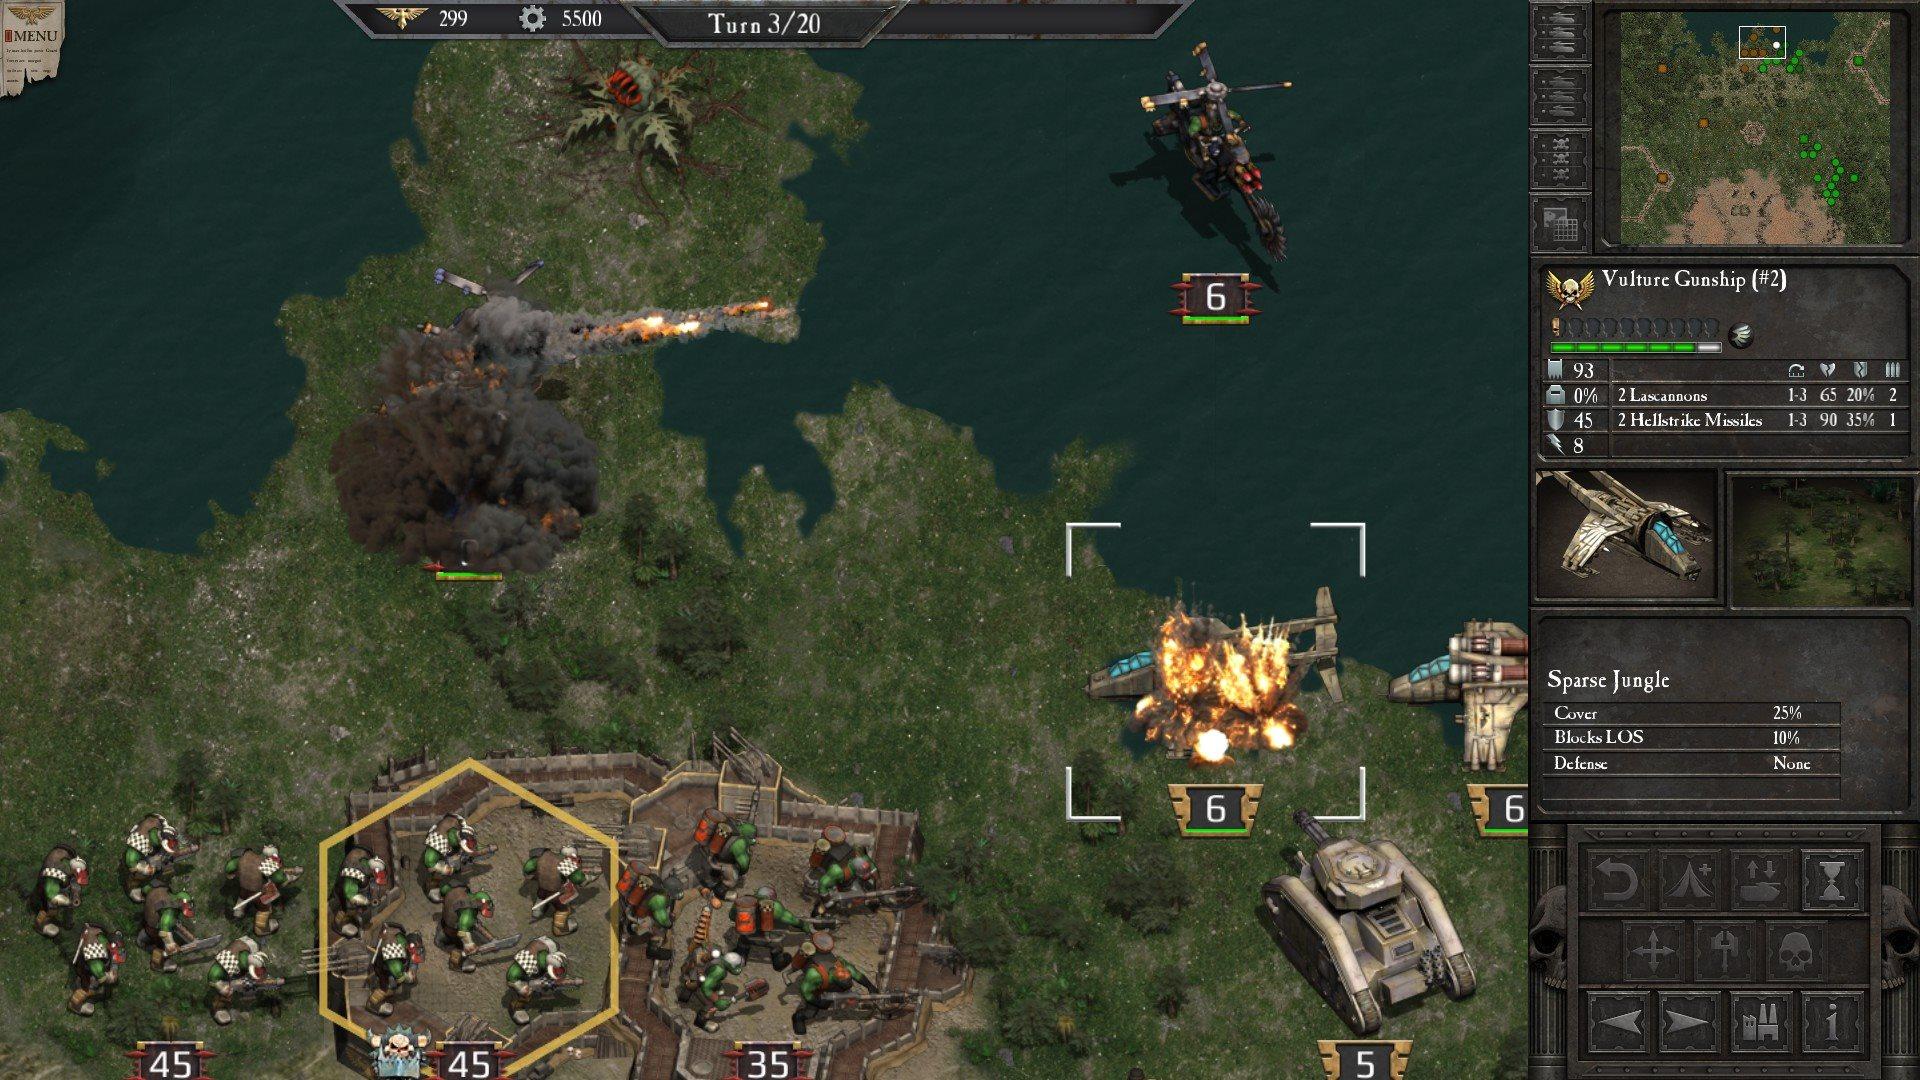 http://fs2.directupload.net/images/150228/npjyn8yo.jpg